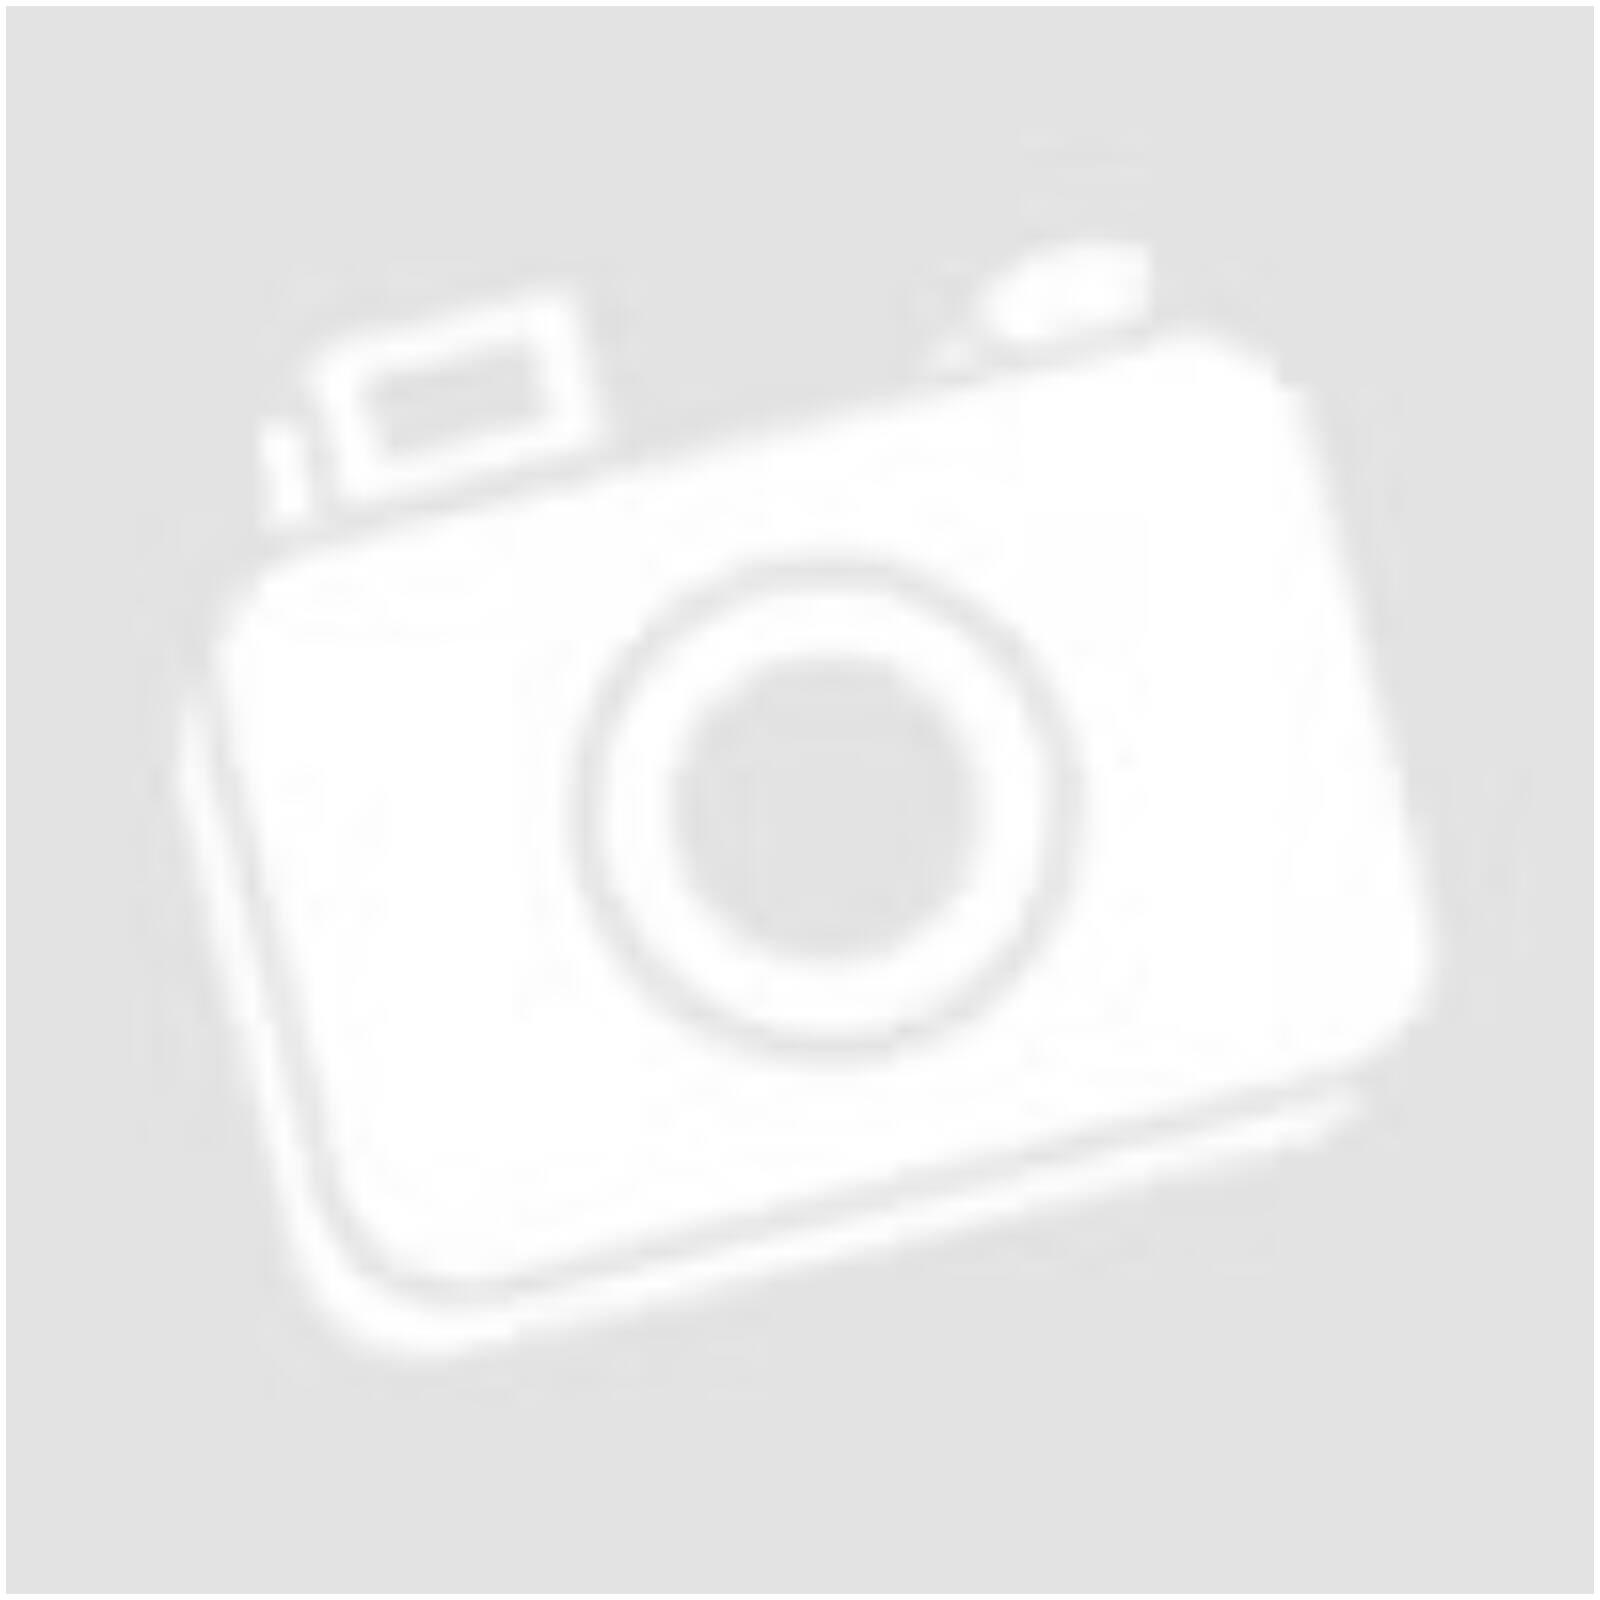 Ajakrúzs Push type Metal CC:006-CC:010 2,2g